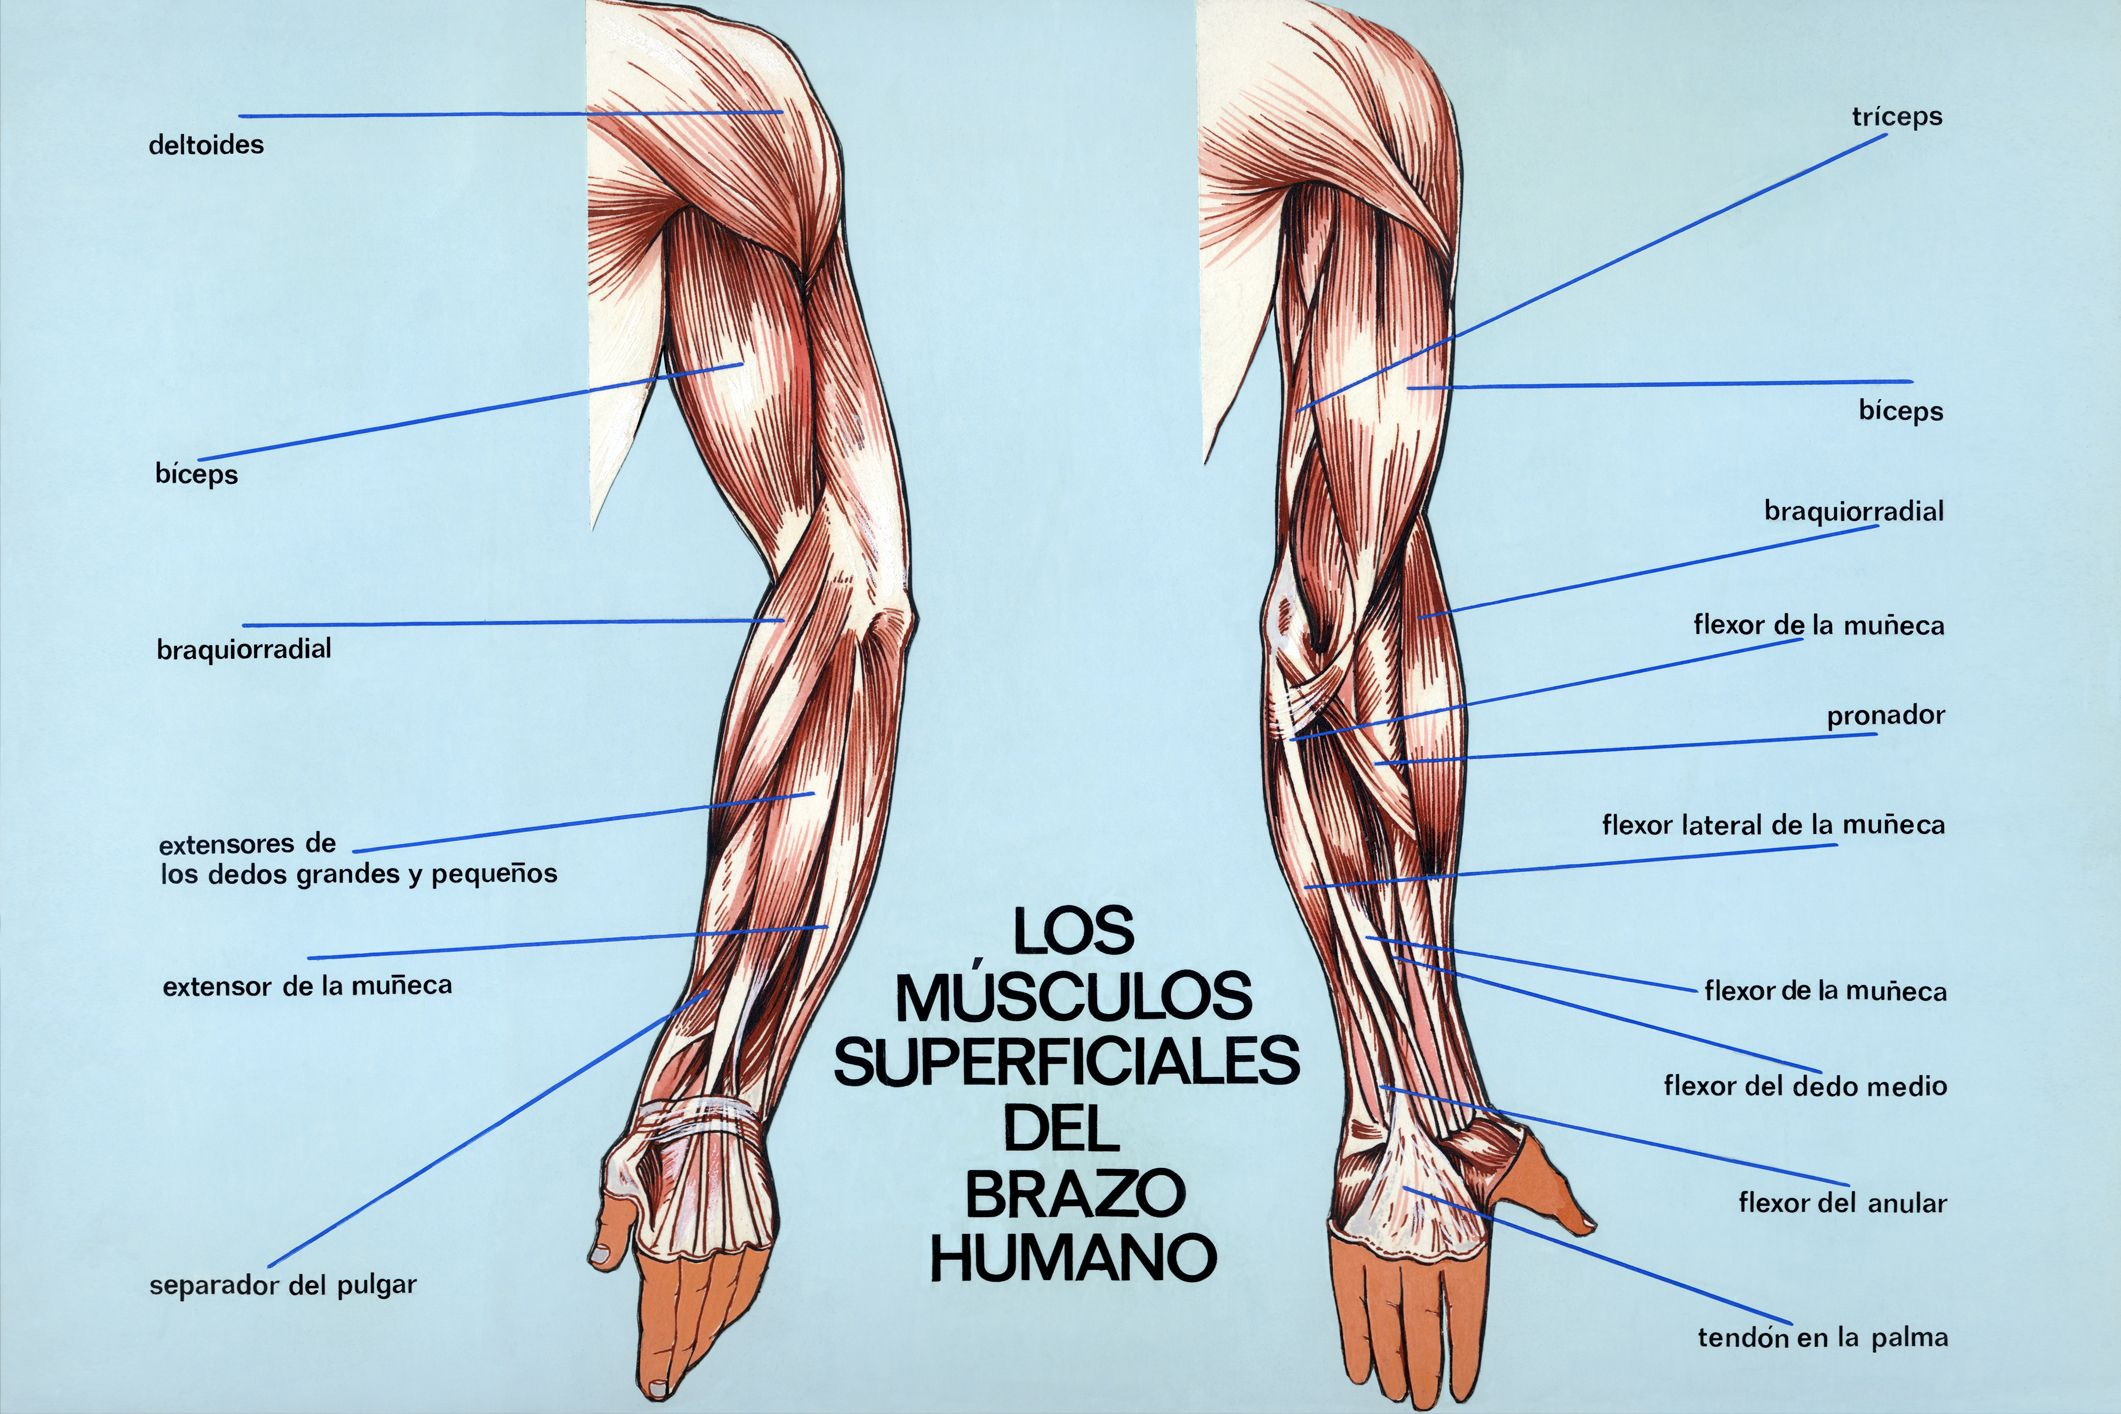 Dorable Músculos De Los Brazos Bandera - Anatomía de Las Imágenesdel ...